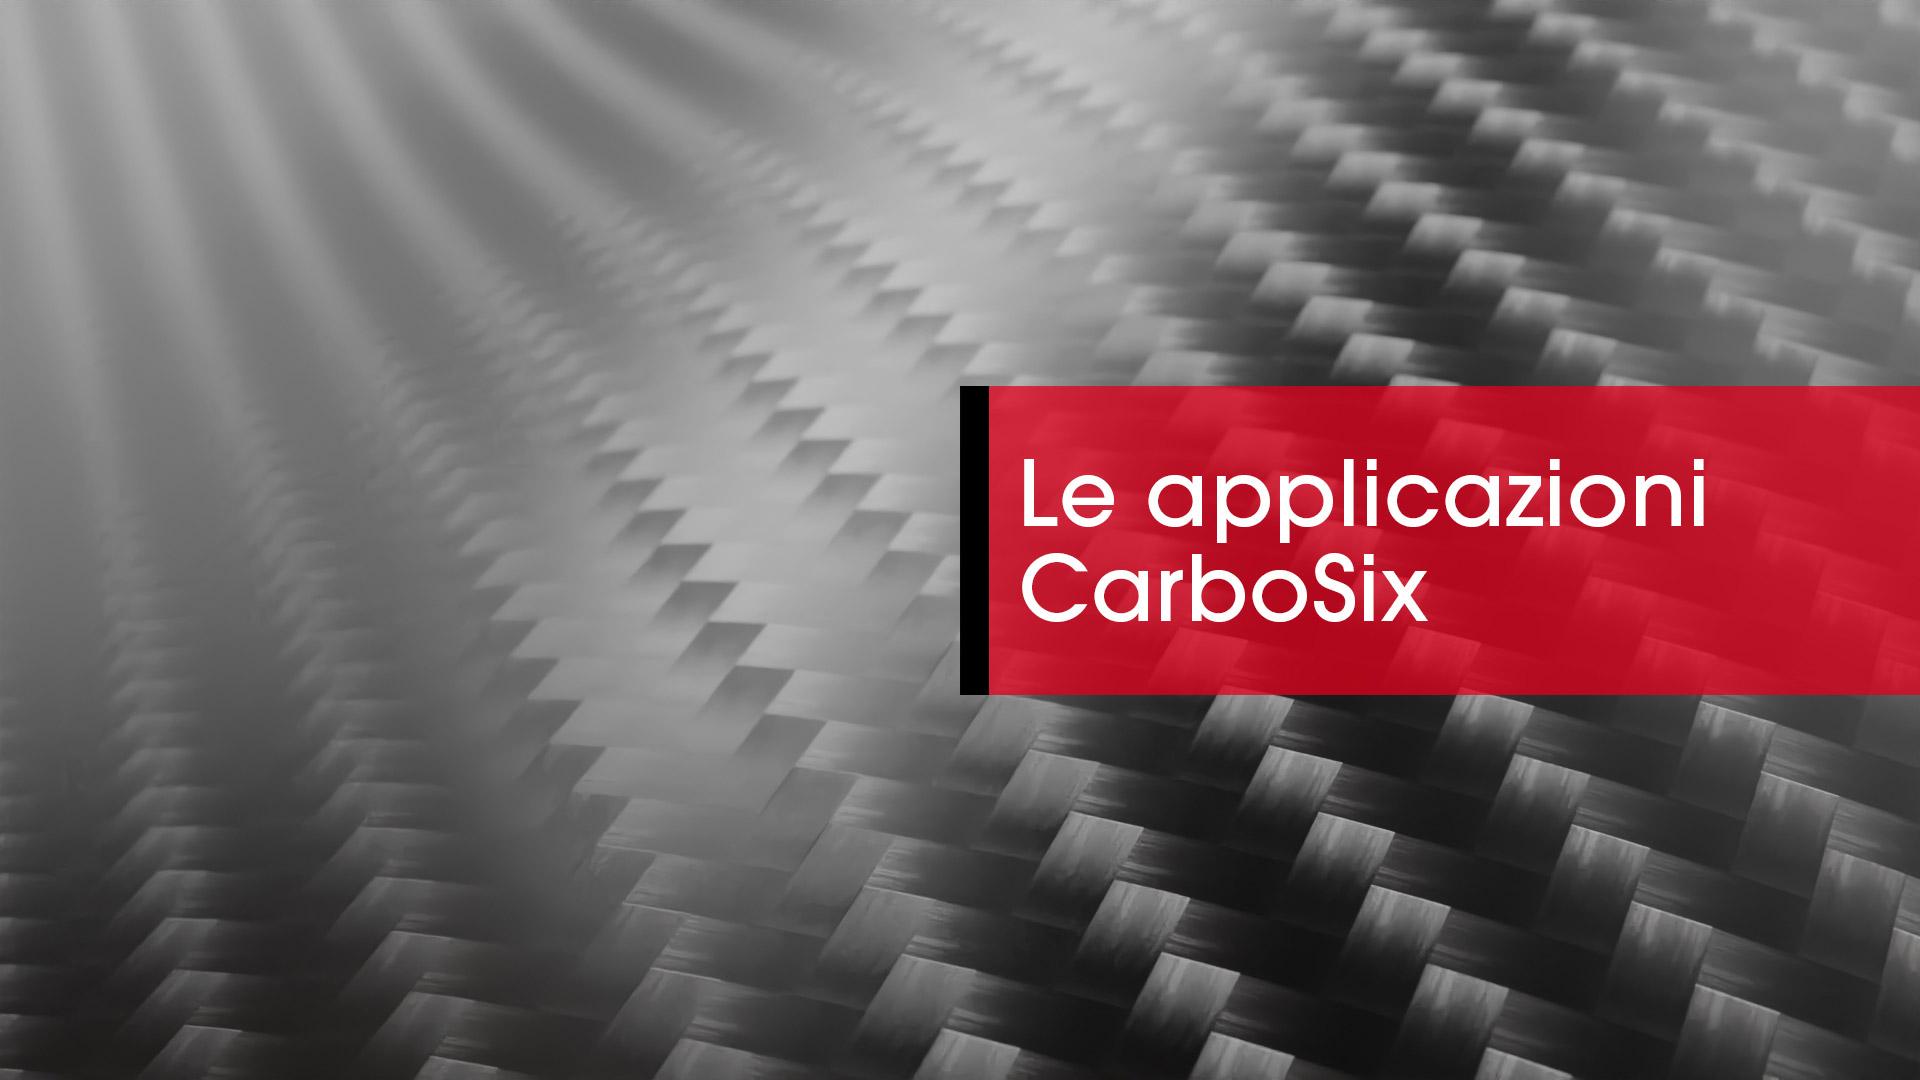 Applicazioni realizzate con profili strutturali in fibra di carbonio pultruso